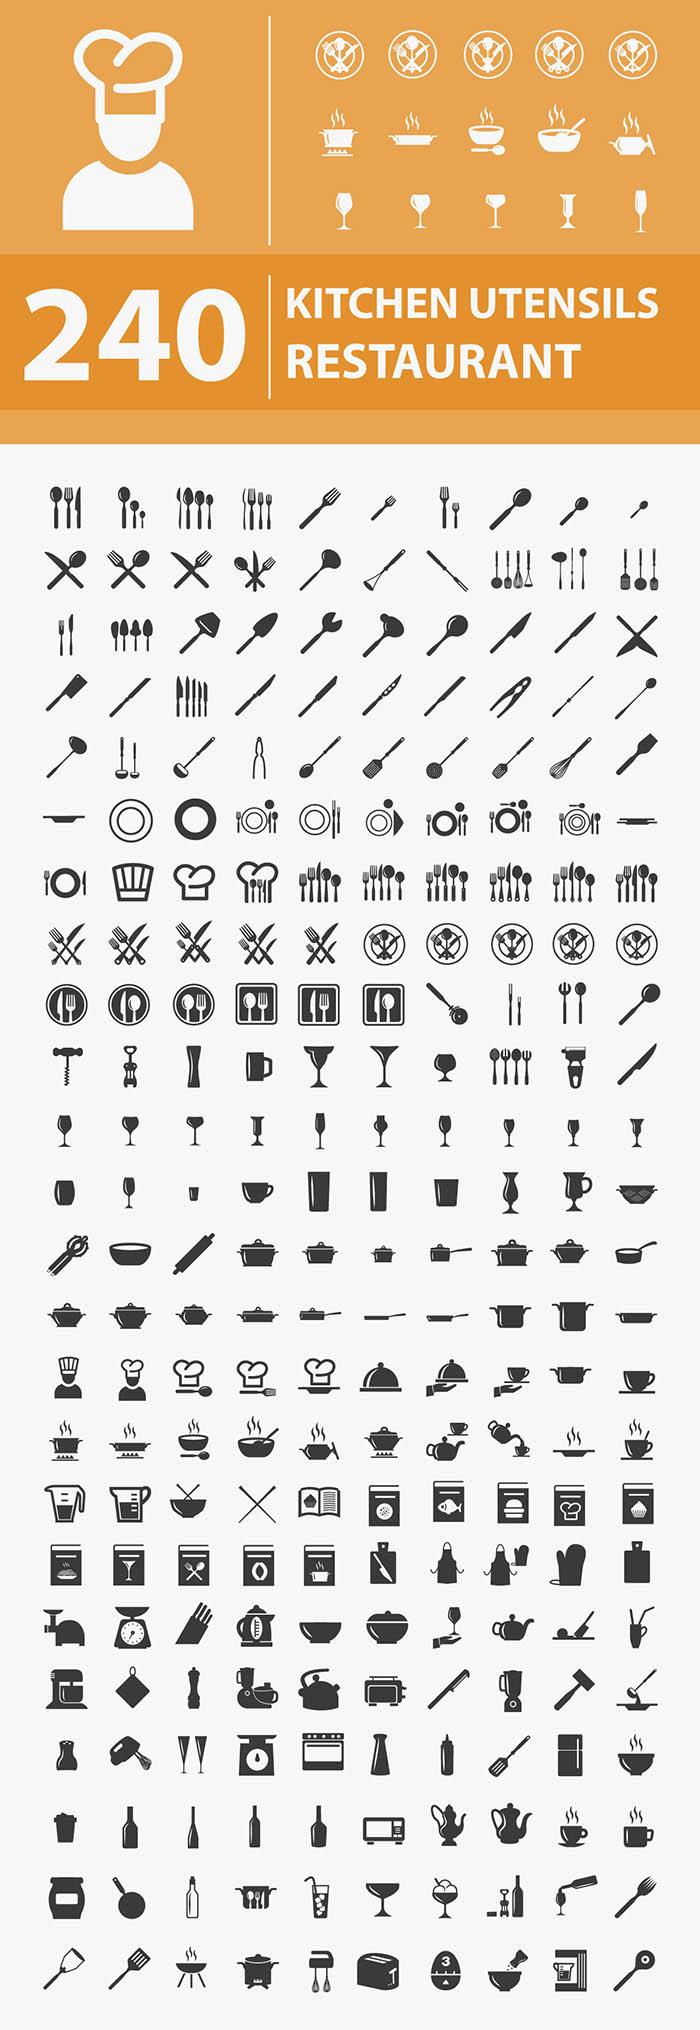 kitchen restaurant utensils1